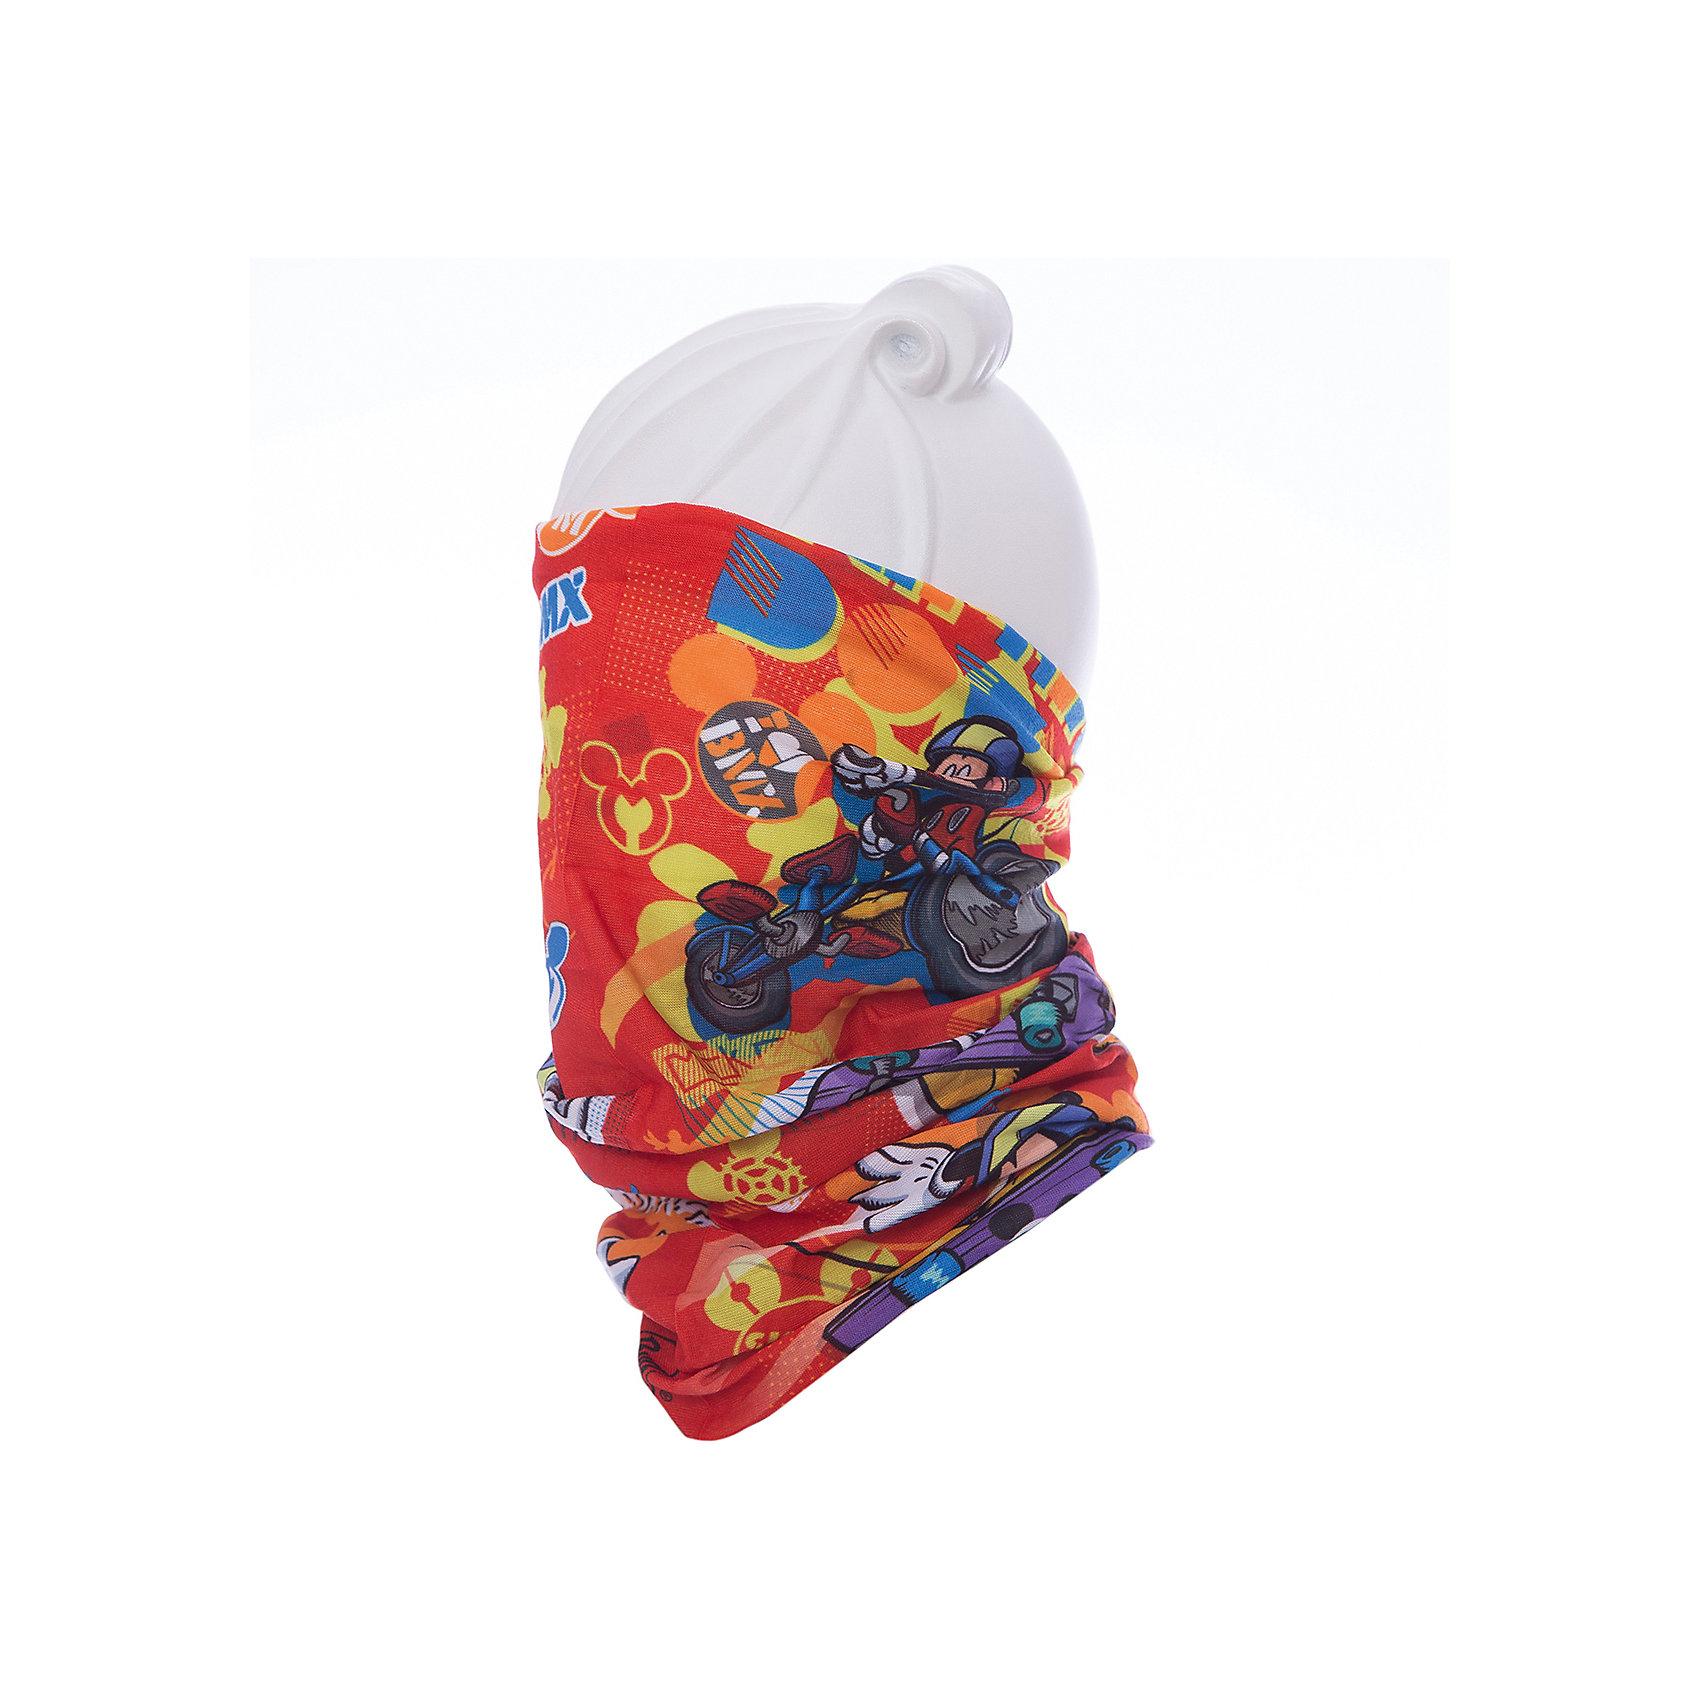 Бандана BUFFГоловные уборы<br>Бандана BUFF <br>Бесшовная бандана-труба из специальной серии Original BUFF. Original BUFF - самый популярный универсальный головной убор из всех серий. <br><br>Сделан из микрофибры - защищает от ветра, пыли, влаги и ультрафиолета. Контролирует микроклимат в холодную и теплую погоду, отводит влагу. Ткань обработана ионами серебра, обеспечивающими длительный антибактериальный эффект и предотвращающими появление запаха. Допускается машинная и ручная стирка при 30-40градусах. Материал не теряет цвет и эластичность, не требует глажки. <br><br>Original BUFF можно носить на шее и на голове, как шейный платок, маску, бандану, шапку и подшлемник. <br><br>Свойства материала позволяют использовать бандану Original BUFF в любое время года, при занятиях любым видом спорта, активного отдыха, туризма или рыбалки.<br>Состав:<br>Полиэстер 100%<br><br>Ширина мм: 89<br>Глубина мм: 117<br>Высота мм: 44<br>Вес г: 155<br>Цвет: красный<br>Возраст от месяцев: 84<br>Возраст до месяцев: 1188<br>Пол: Унисекс<br>Возраст: Детский<br>Размер: one size<br>SKU: 5568653